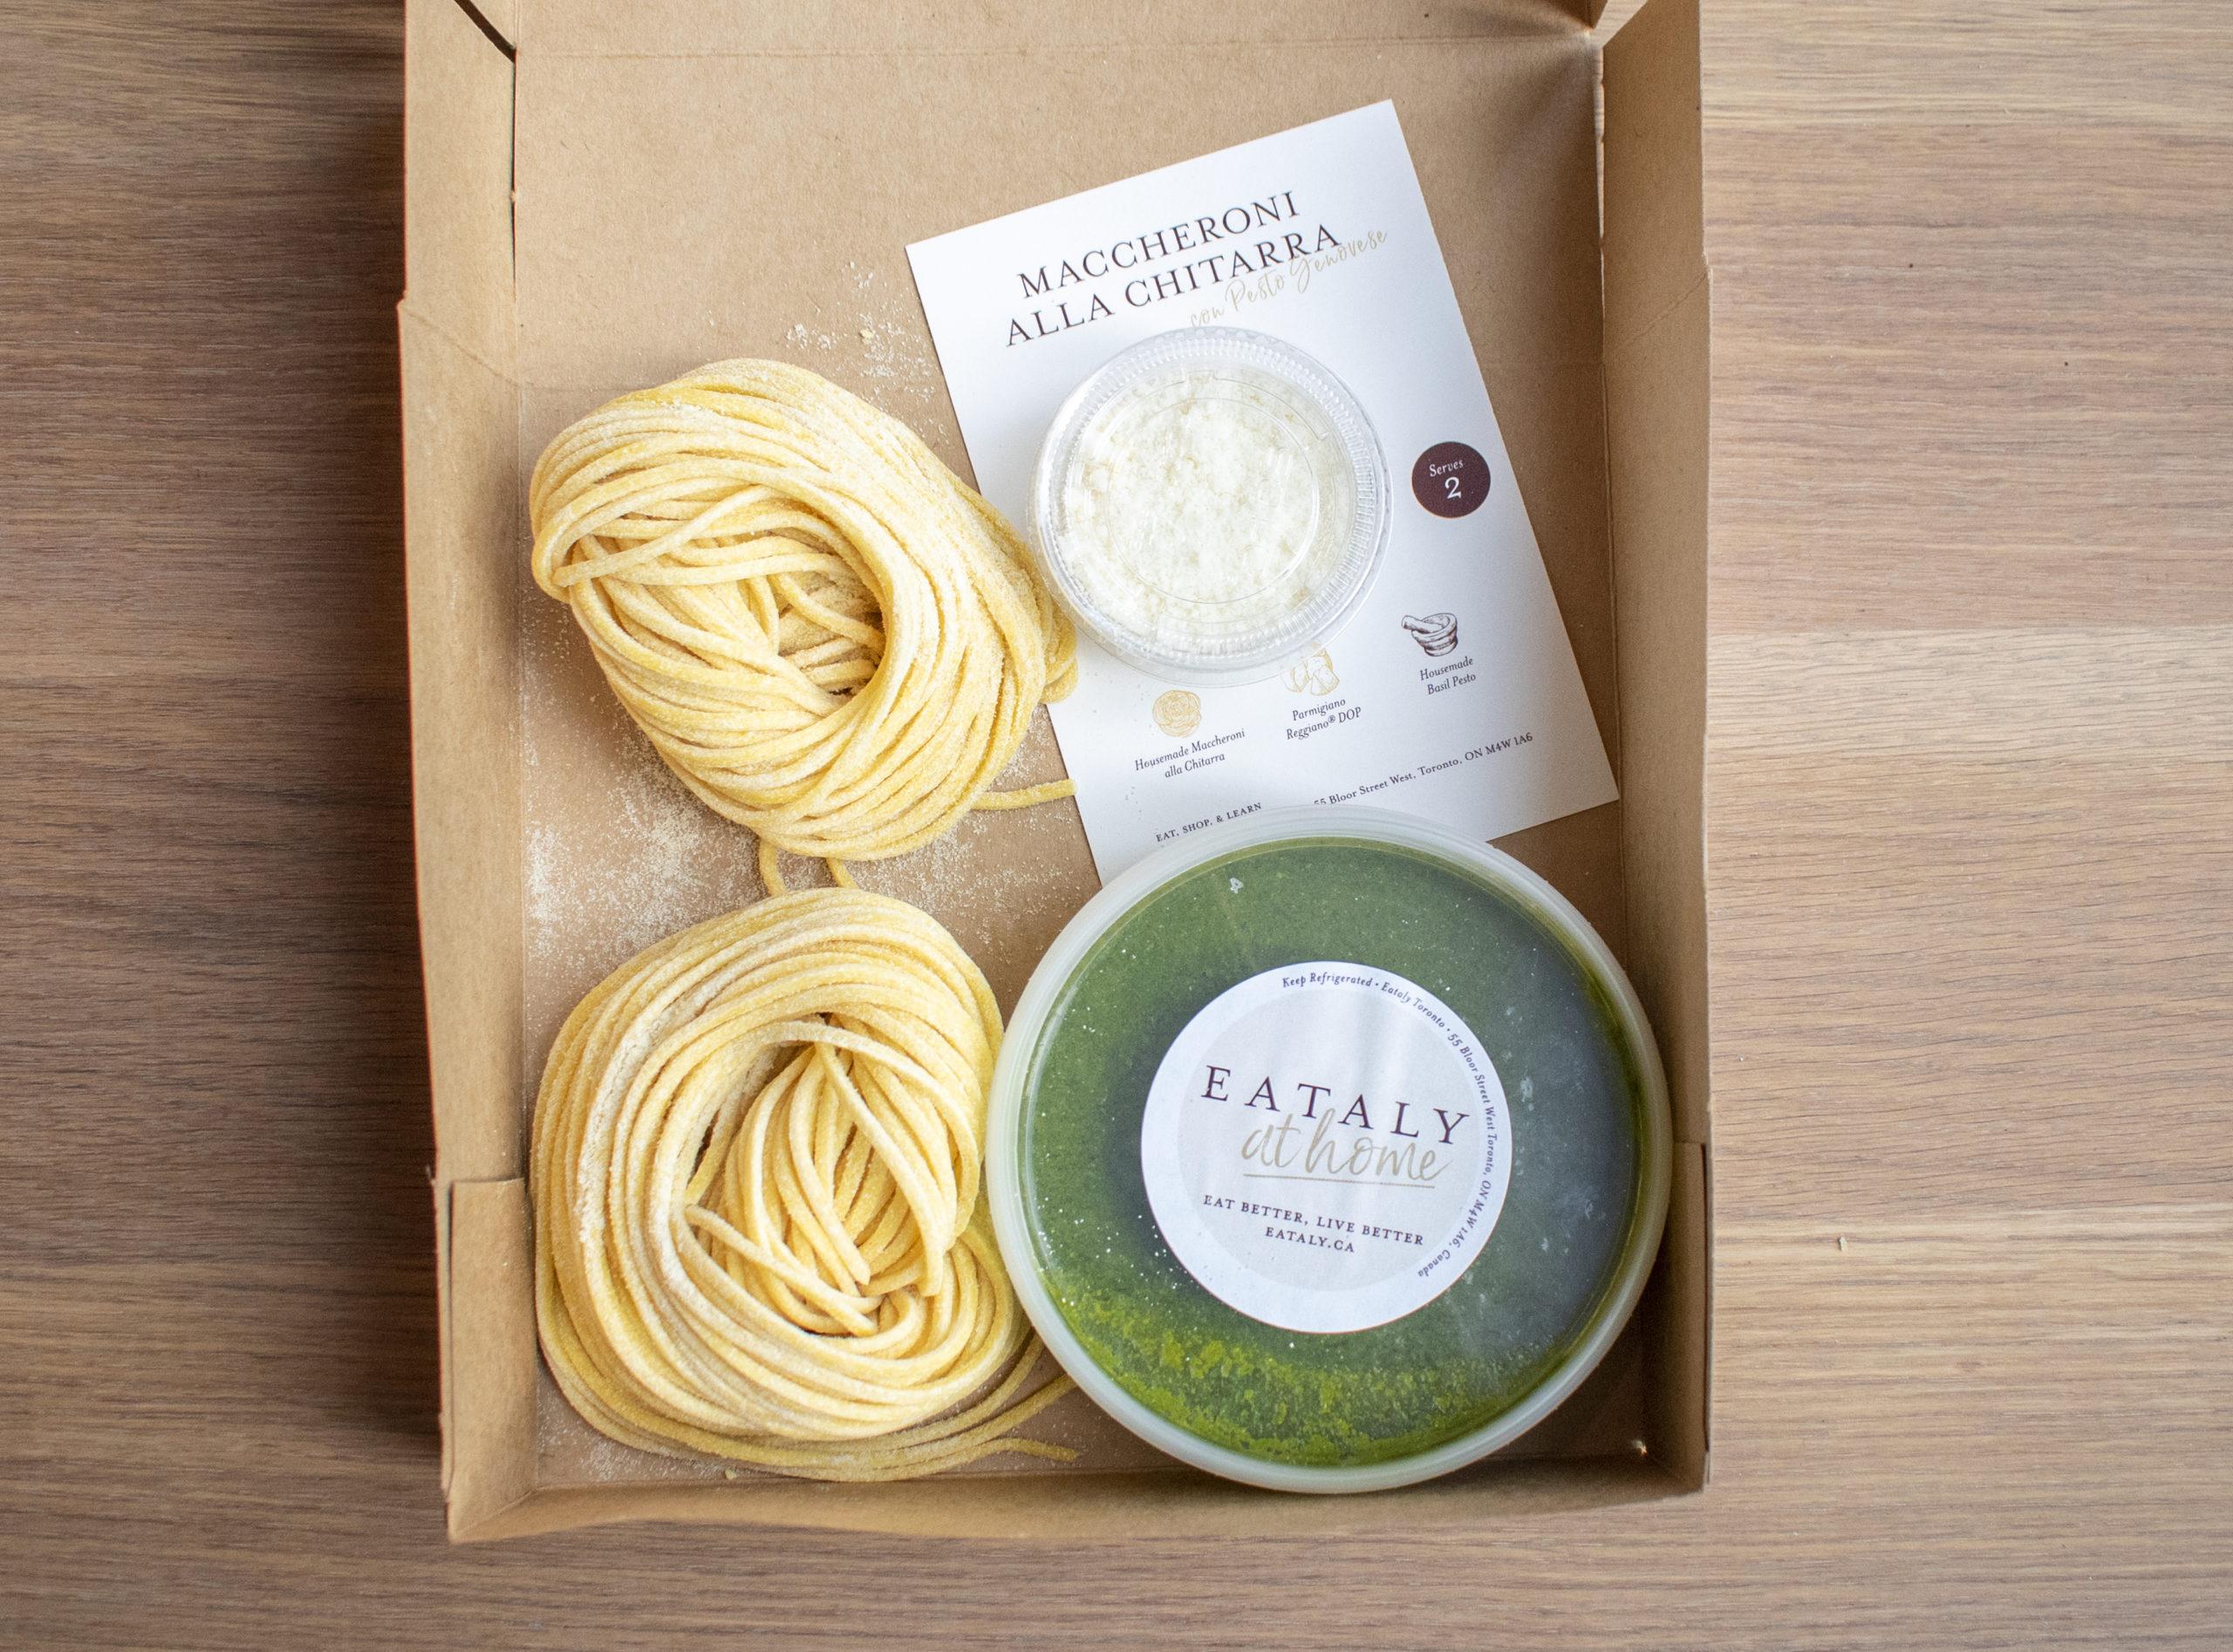 pasta with pesto kit